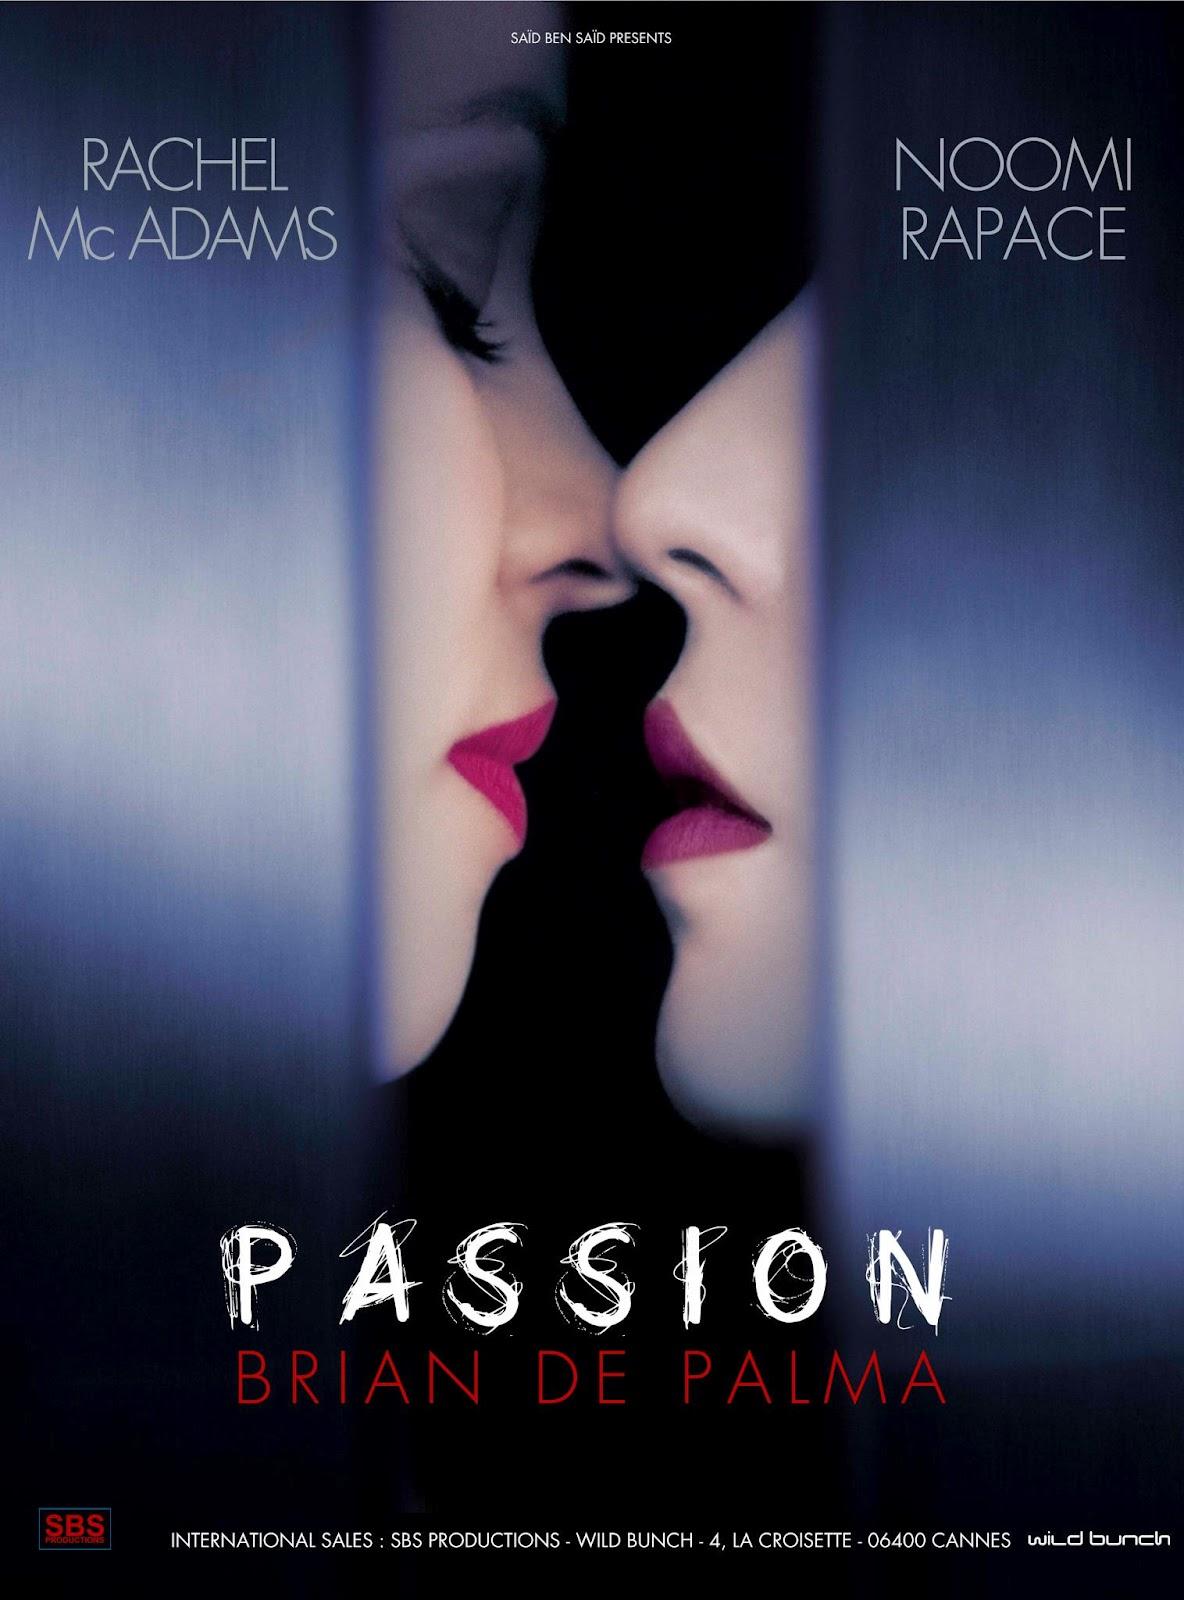 http://4.bp.blogspot.com/-EB6kC-8UdnA/T7PDpvzfEDI/AAAAAAAAQPA/0pI-cqgYzzg/s1600/Passion-Poster.jpg